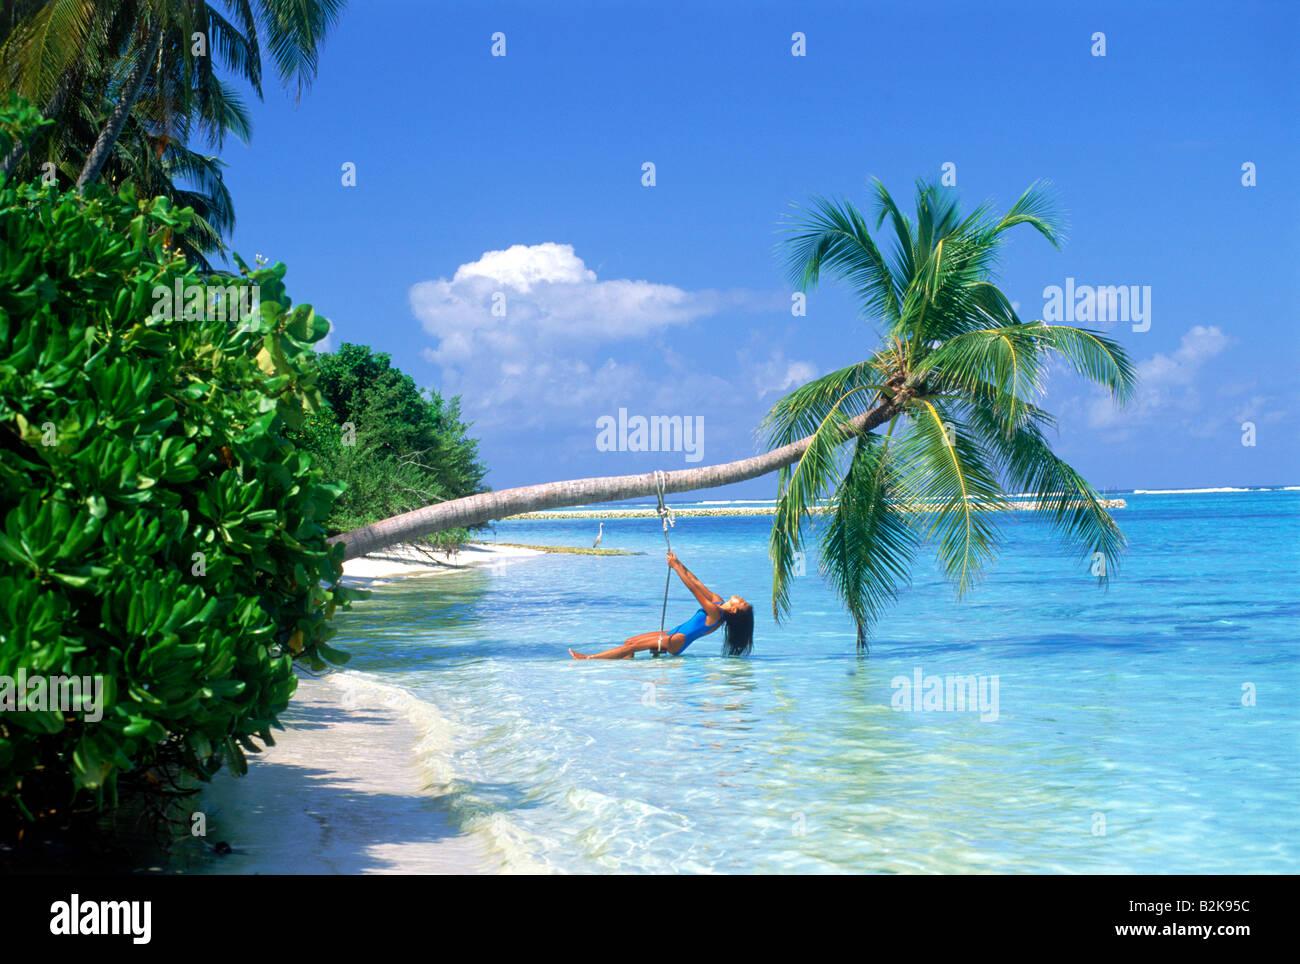 palms at pleasure island